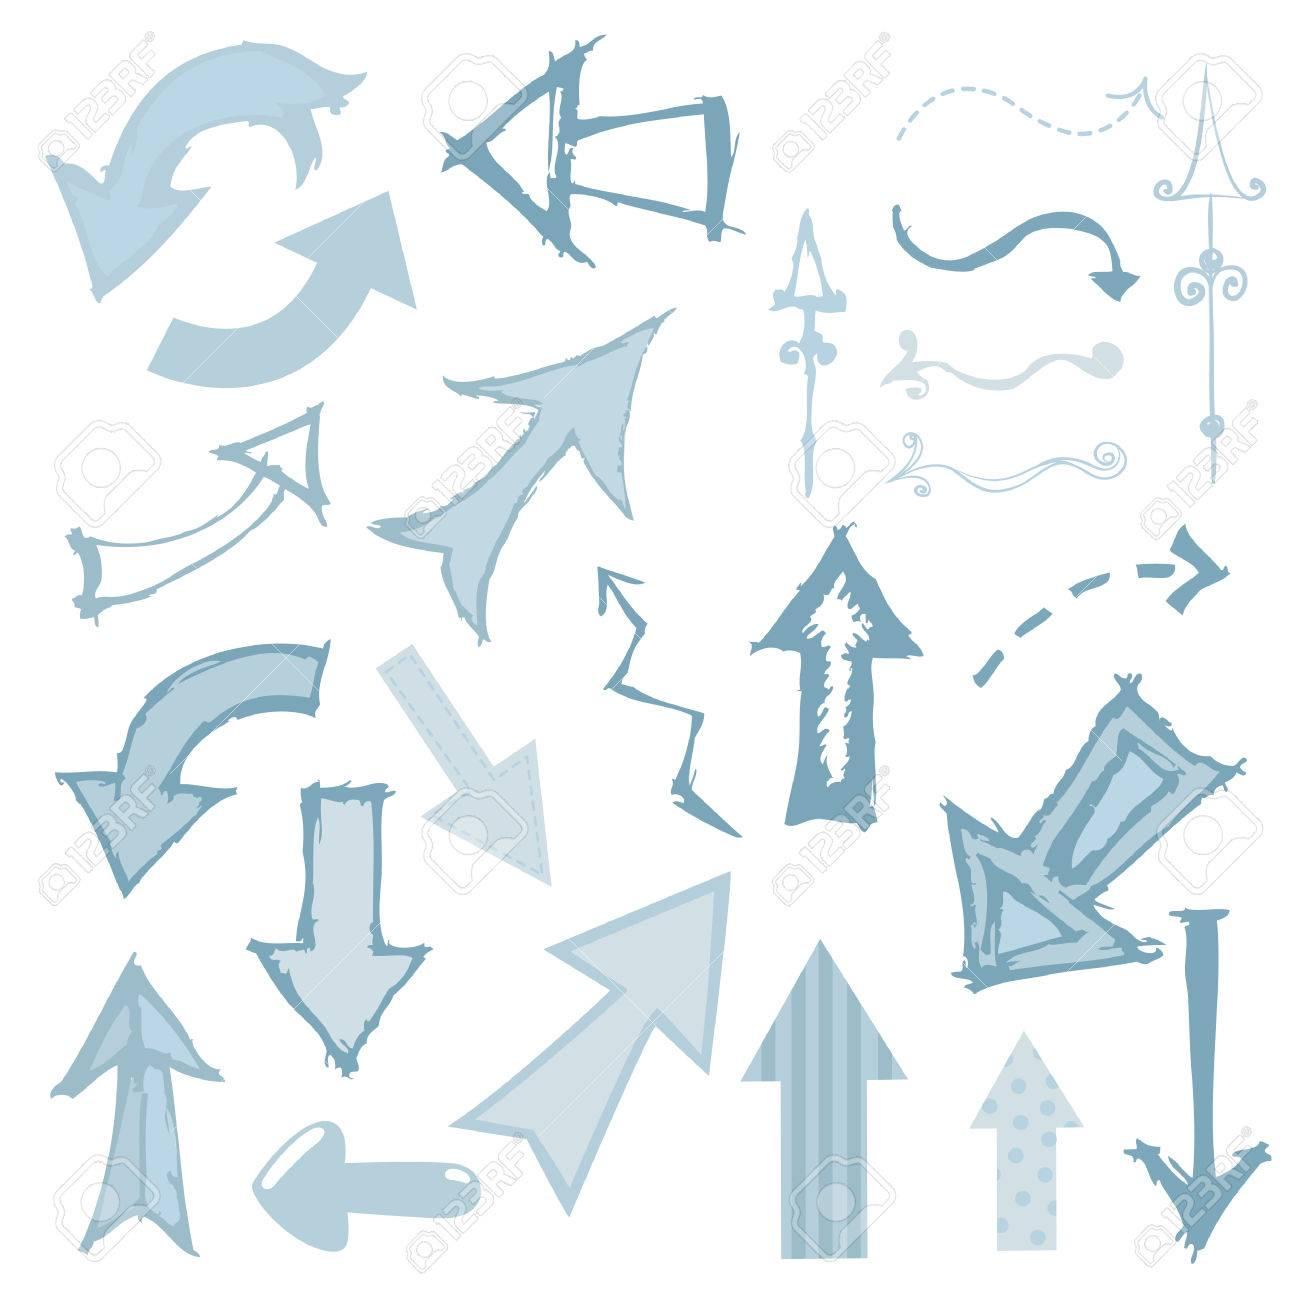 Artsy set of arrows in a sketchy style. - 9043545